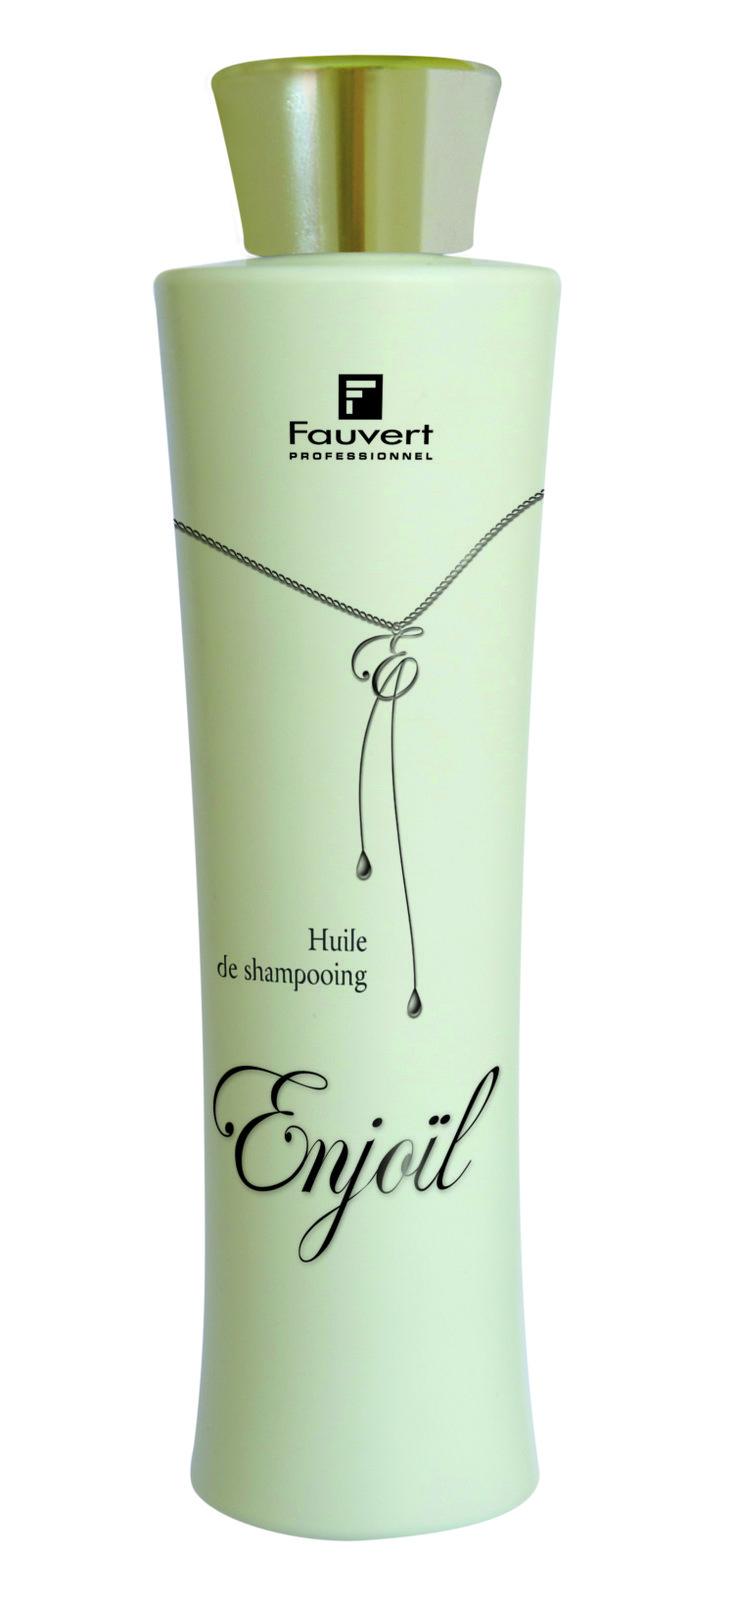 Huile de shampooing Enjoïl : véritable effet magique, ce shampooing sans eau aux…